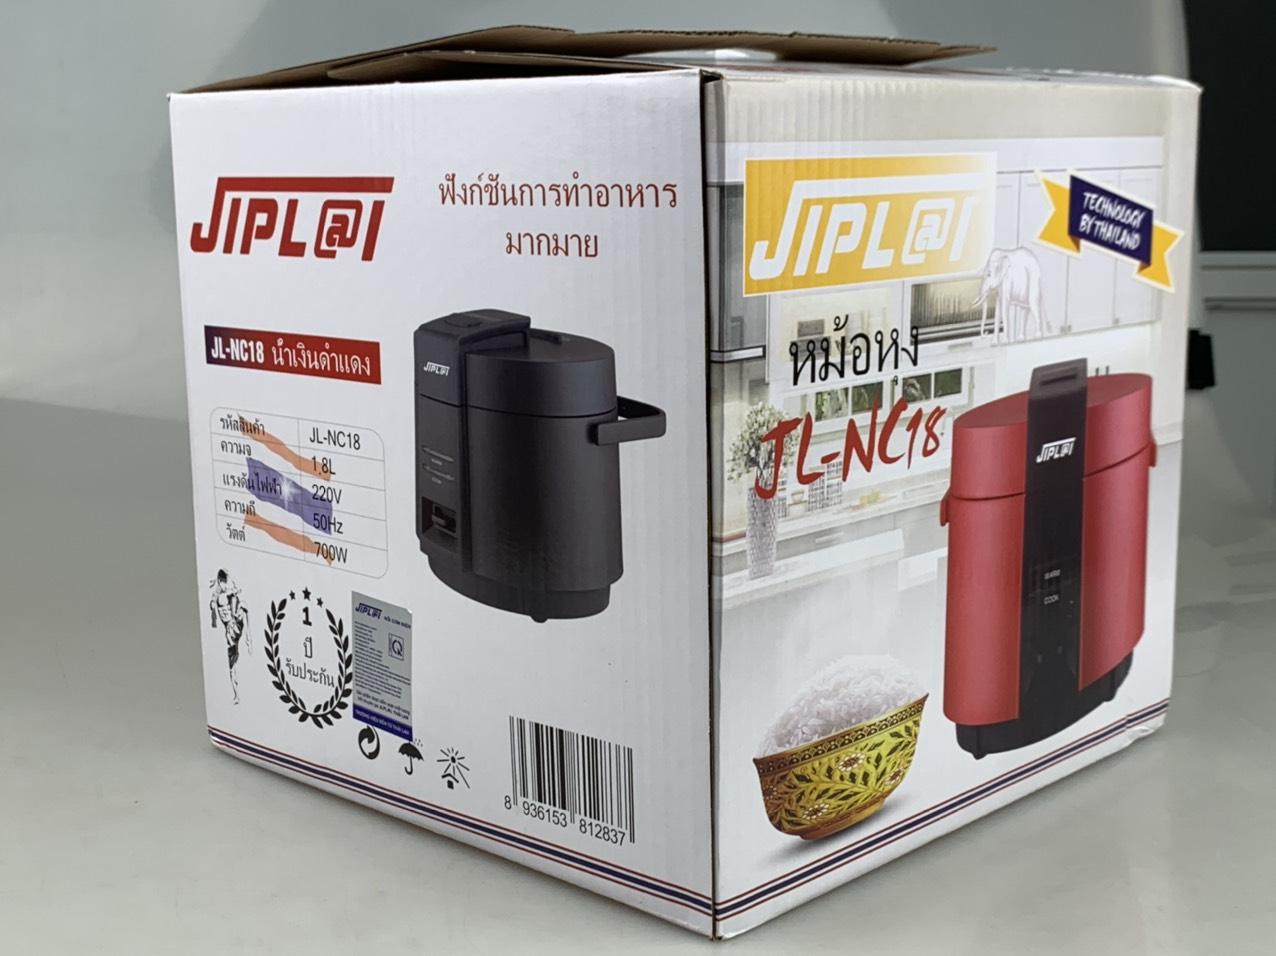 Nồi Cơm Điện Lòng Niêu 1.8L JLPL@L JL-NC18 Nắp Gài Đa Năng Chống Dính Tiết Kiệm Điện Cho 3-5 Người Ăn (Giao Màu Ngẫu Nhiên)-Hàng Chính Hãng